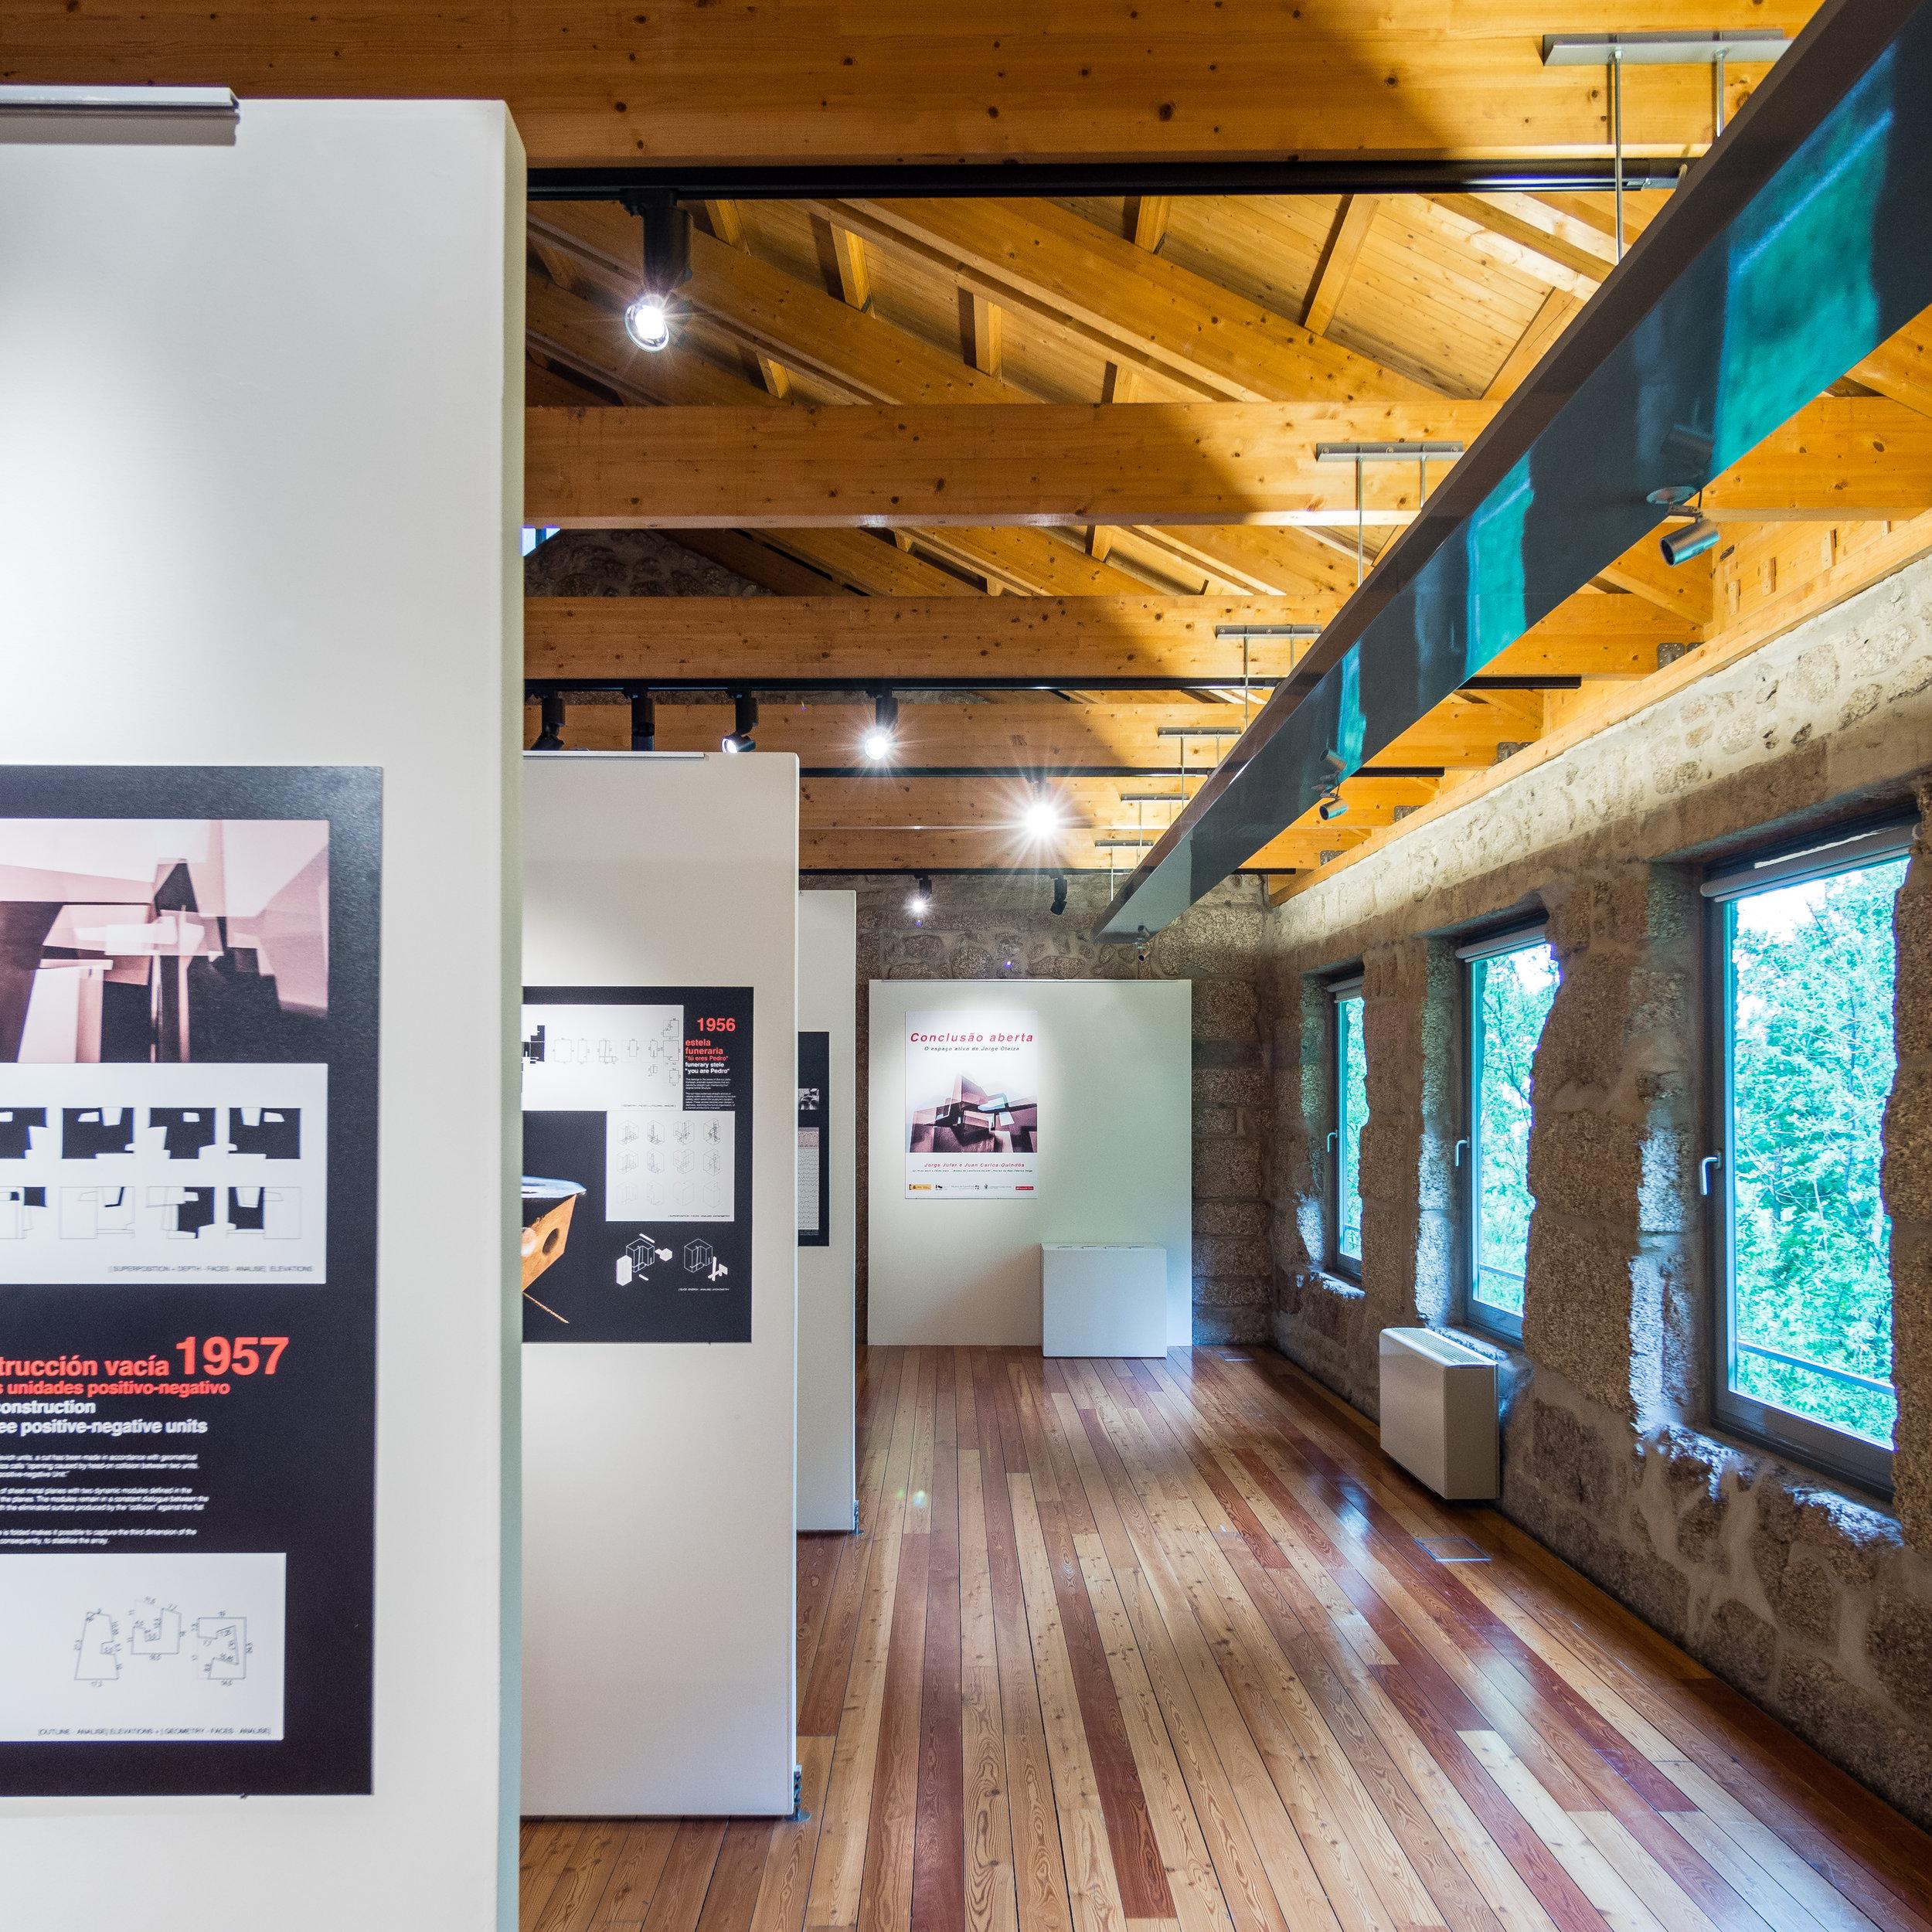 04.2015 - 06.2015    Museu dos Lanificios. Núcleo da Real Fábrica Veiga.     Covilh ã   (Portugal)   Fotografías J.C. Quindós